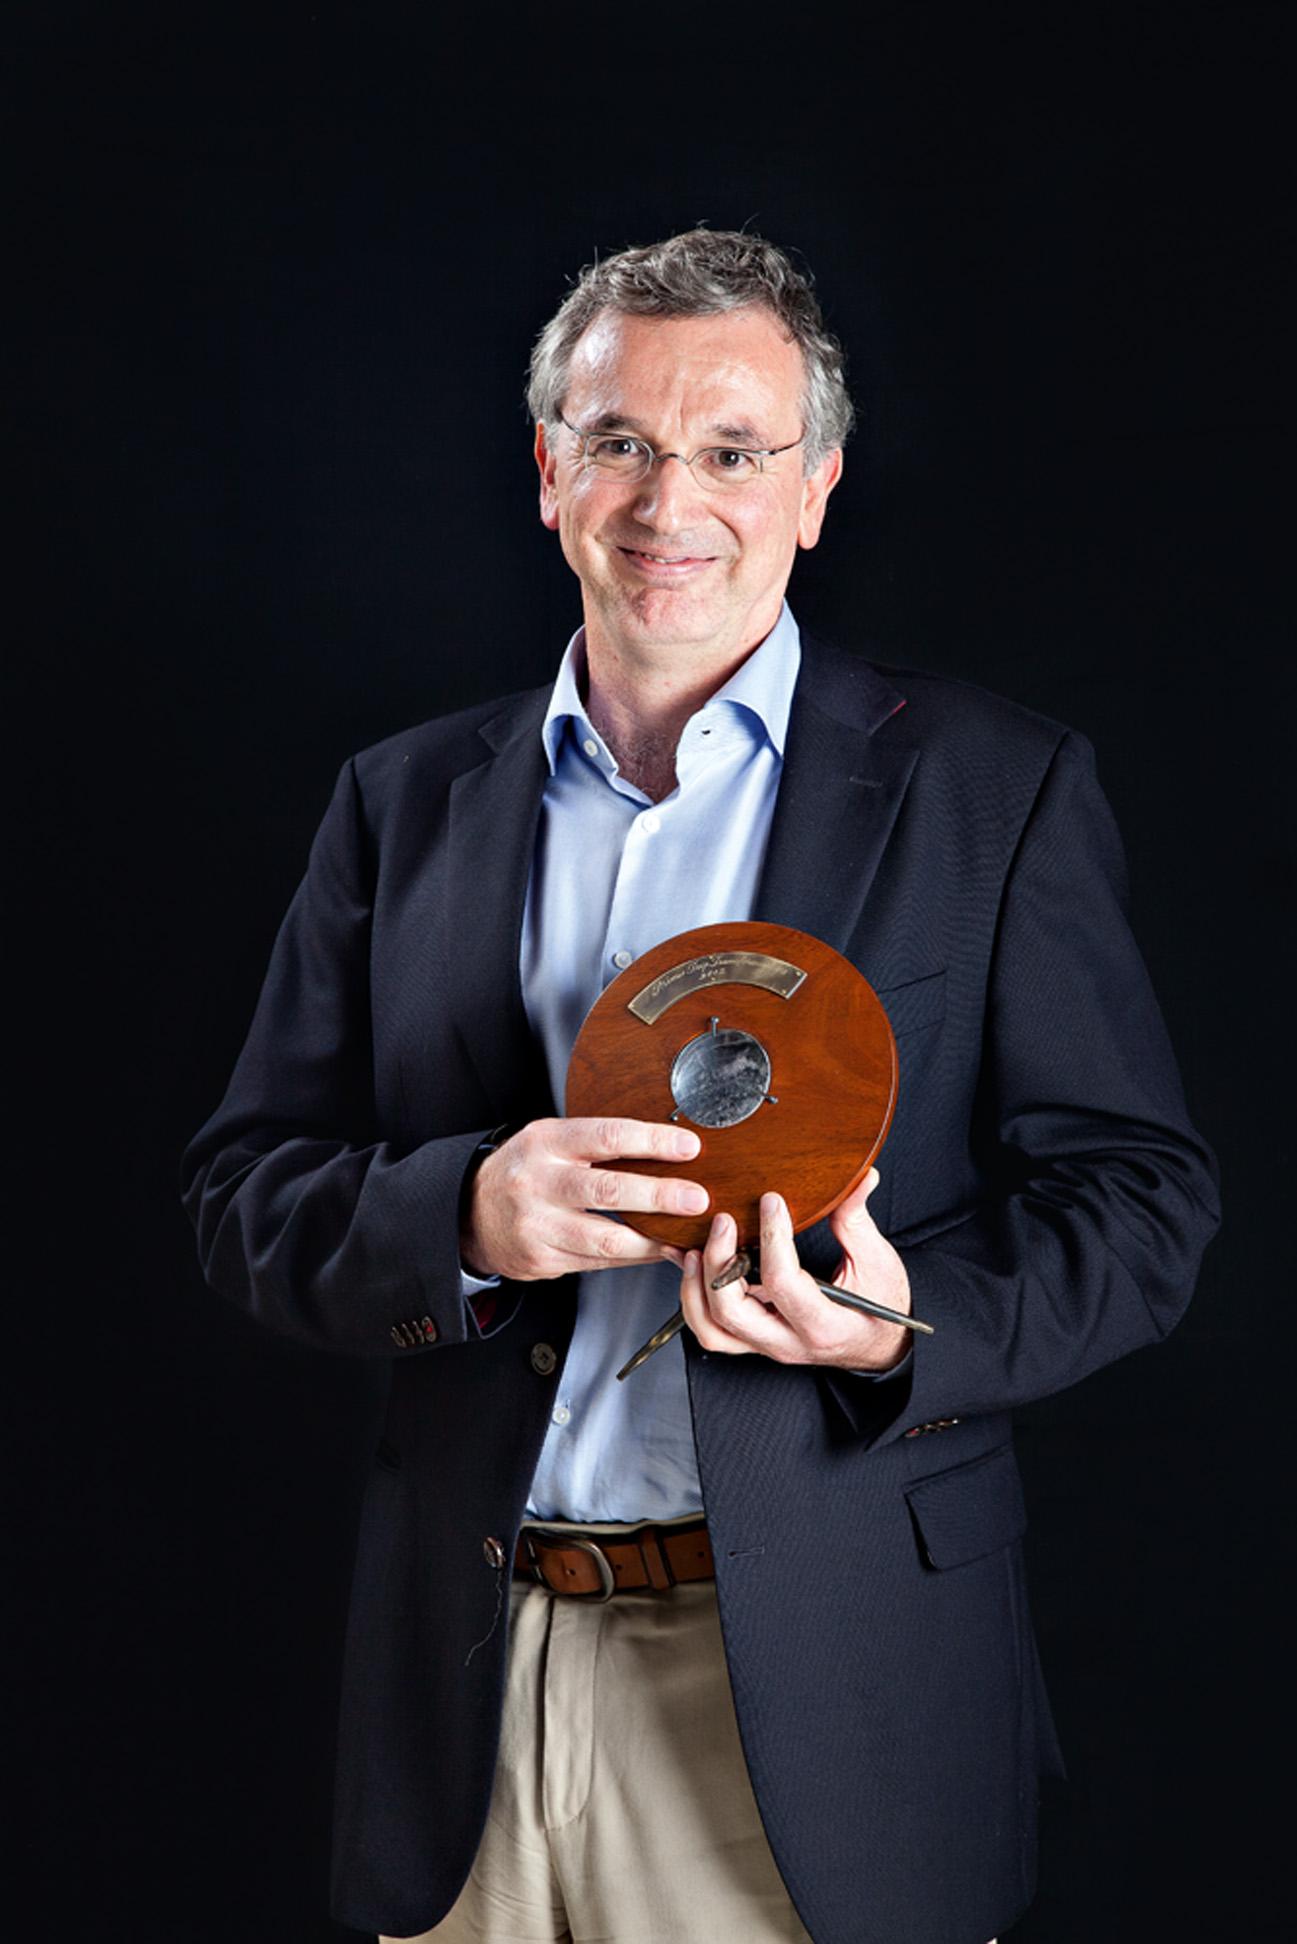 Roberto Waack - 'O melhor desse prêmio é a capacidade de divulgar as iniciativas. Esse processo de conscientização pelo qual lutamos só vai se dar na humanidade através de iniciativas como essa. O papel da comunicação na efetivação da transformação é central'